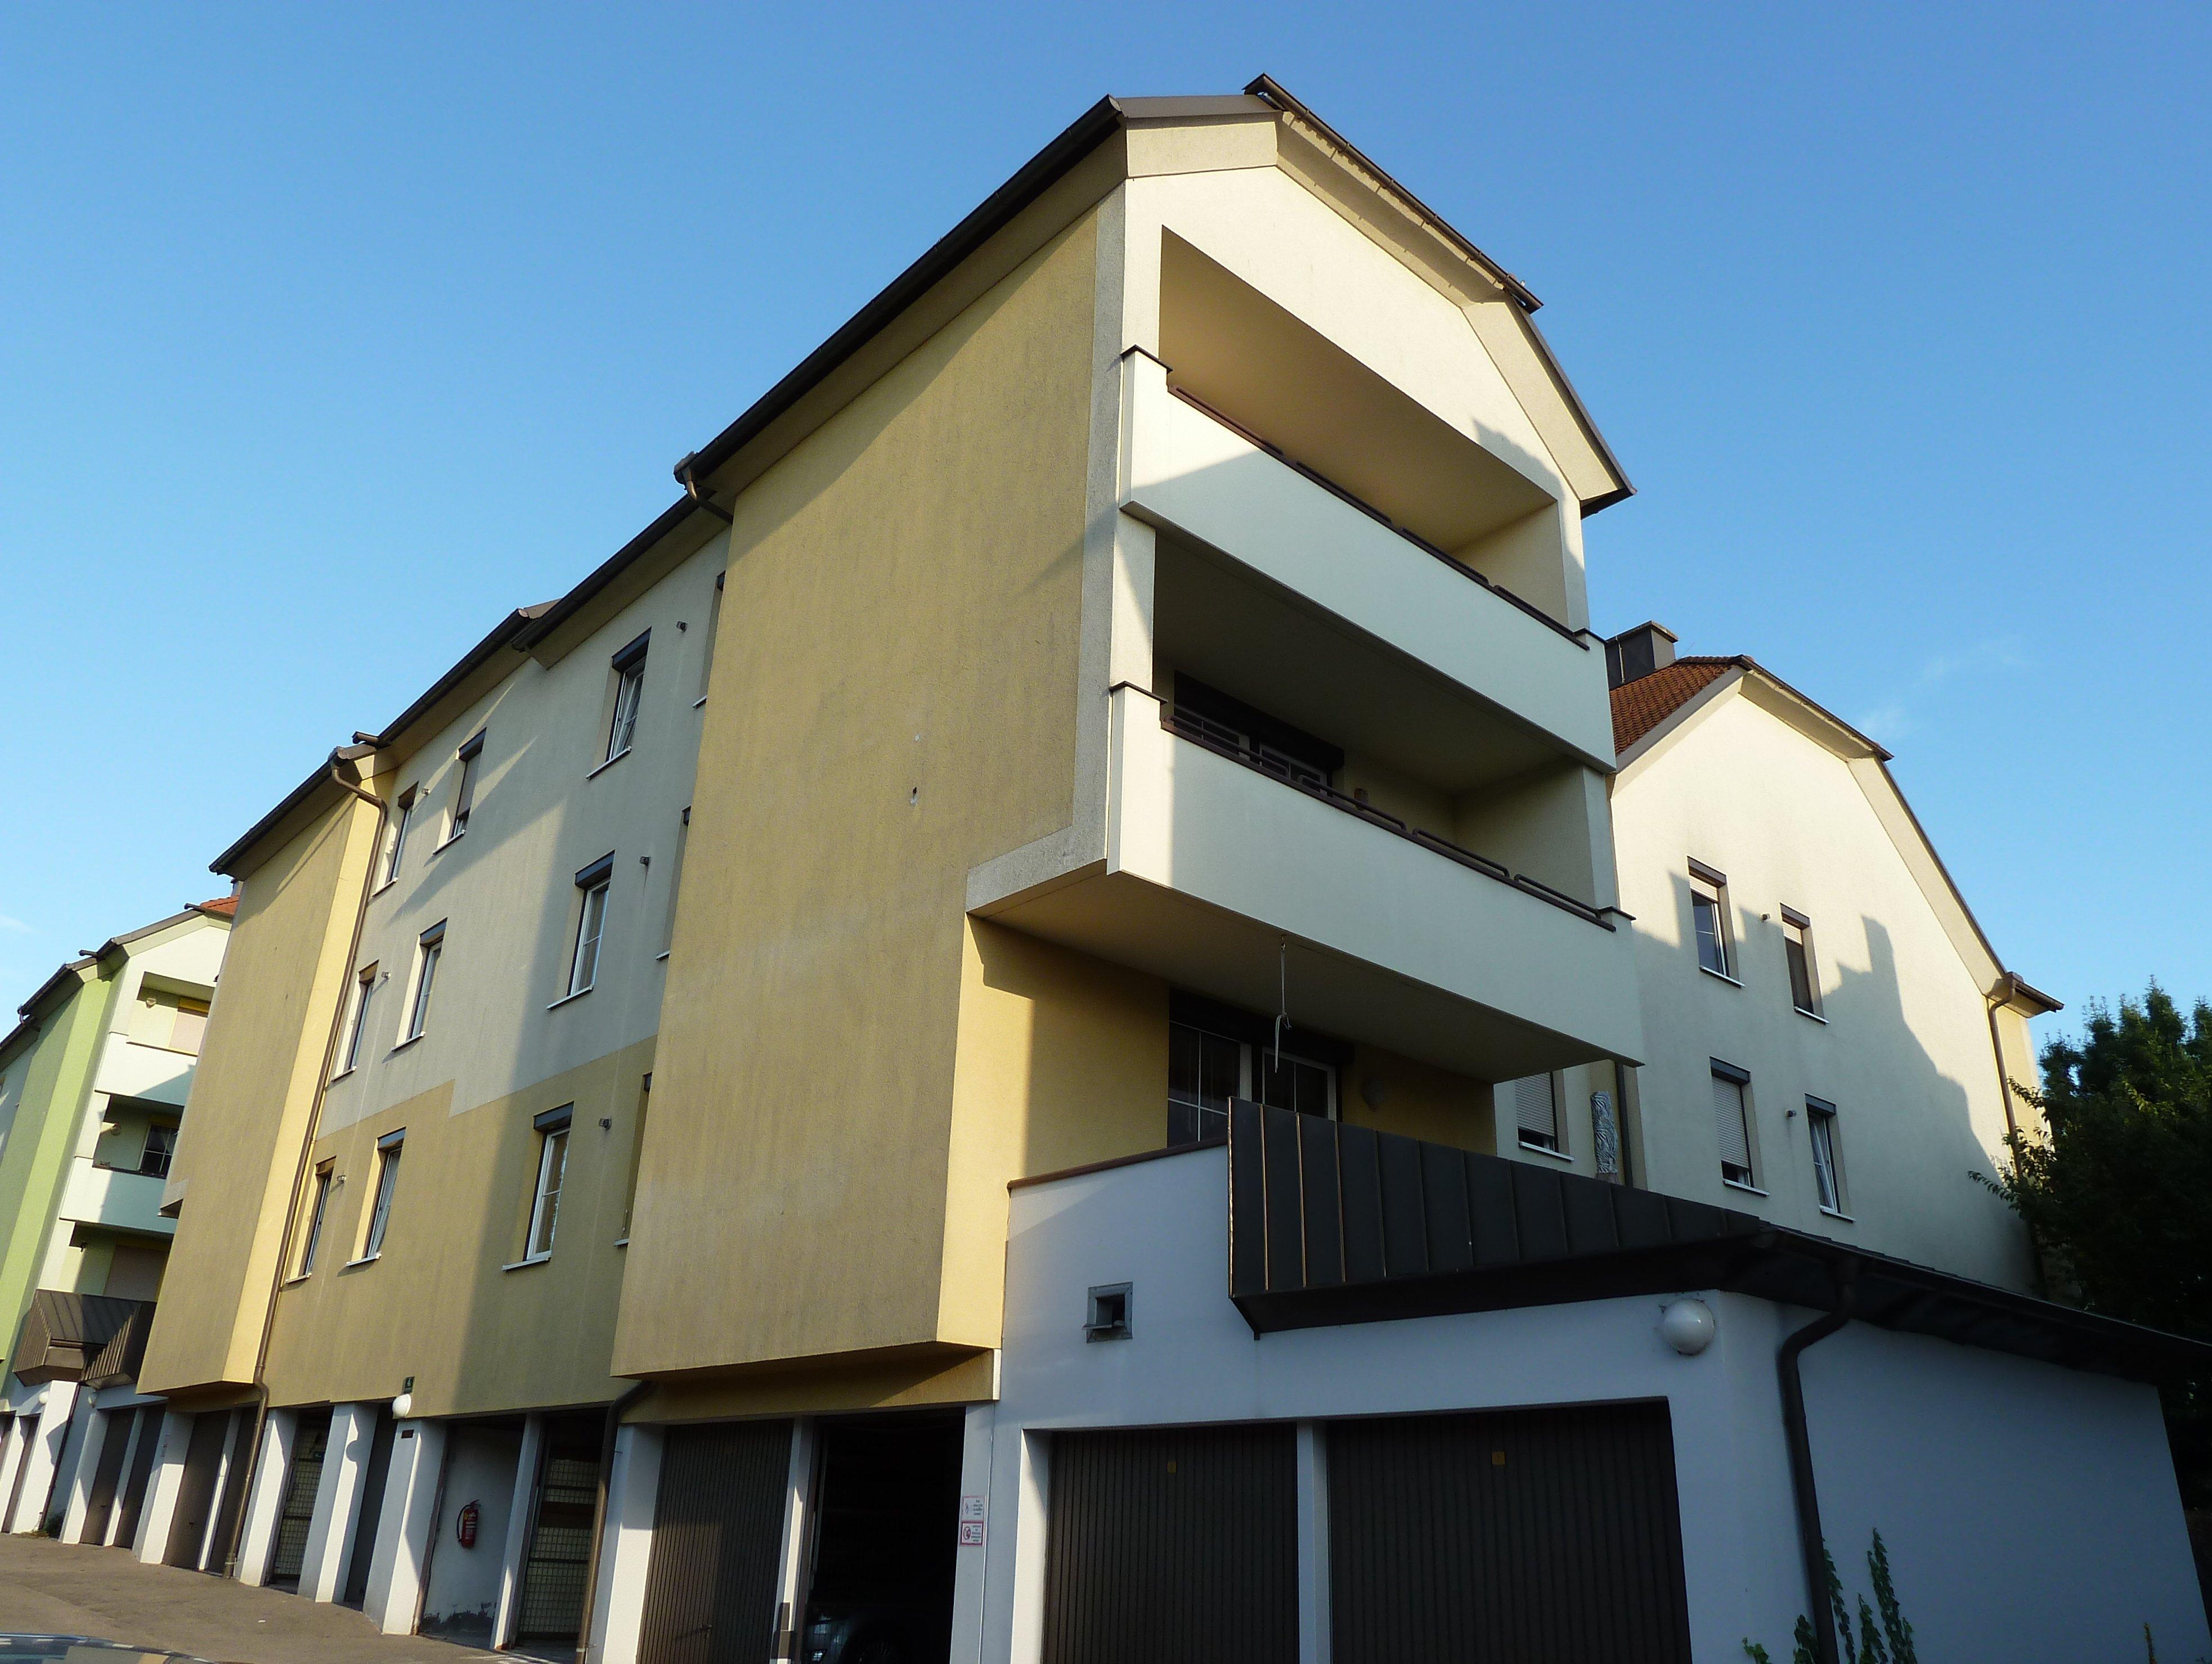 Immobilie von Kamptal in 3730 Eggenburg, Horn, Eggenburg III/2 - Top 14 #1